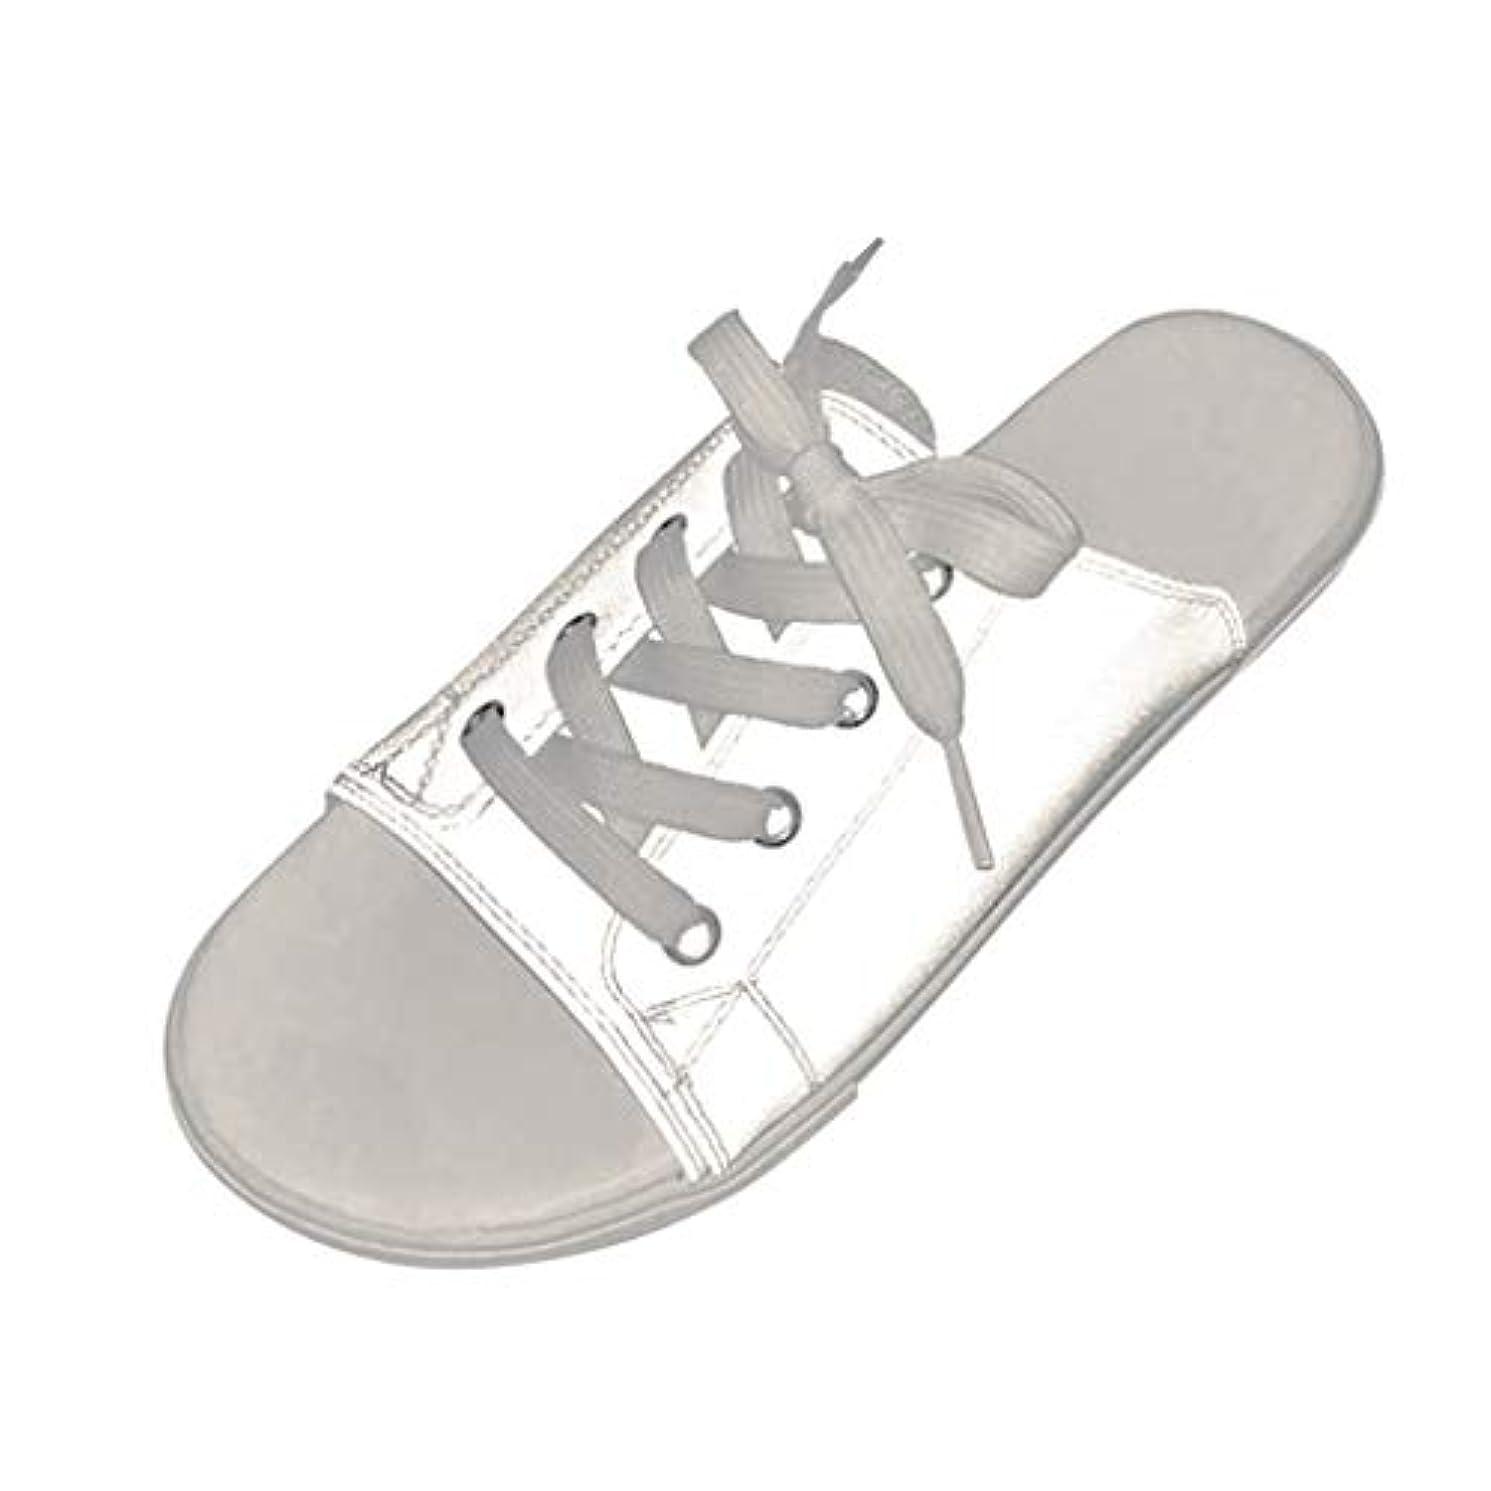 放送大洪水簡単にカップルは靴を照らす スリッパシューズ サンダル フラットビーチシューズ 魚の口の靴 輝くサンダル フラットスリッパ レースアップビーチサンダル